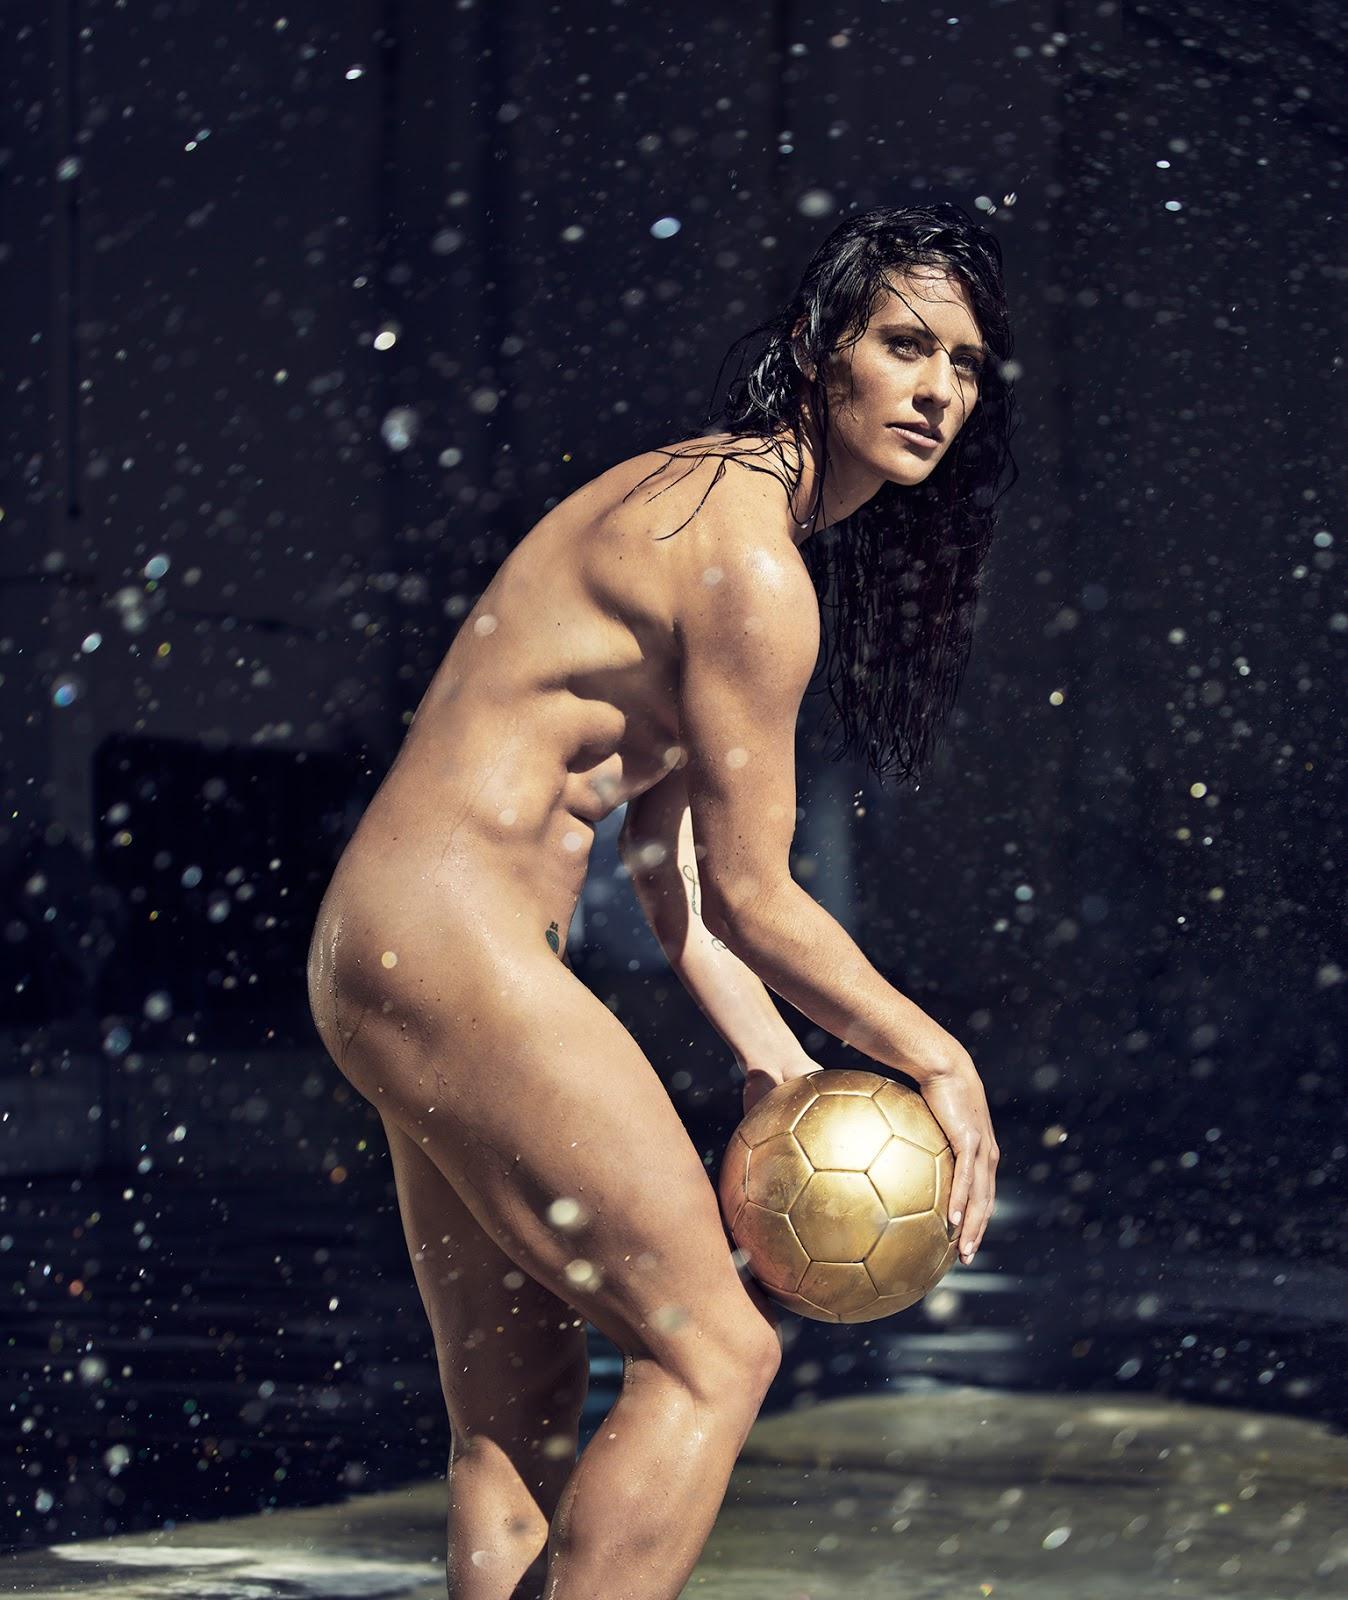 sheela-xray-nude-hard-sex-in-afqan